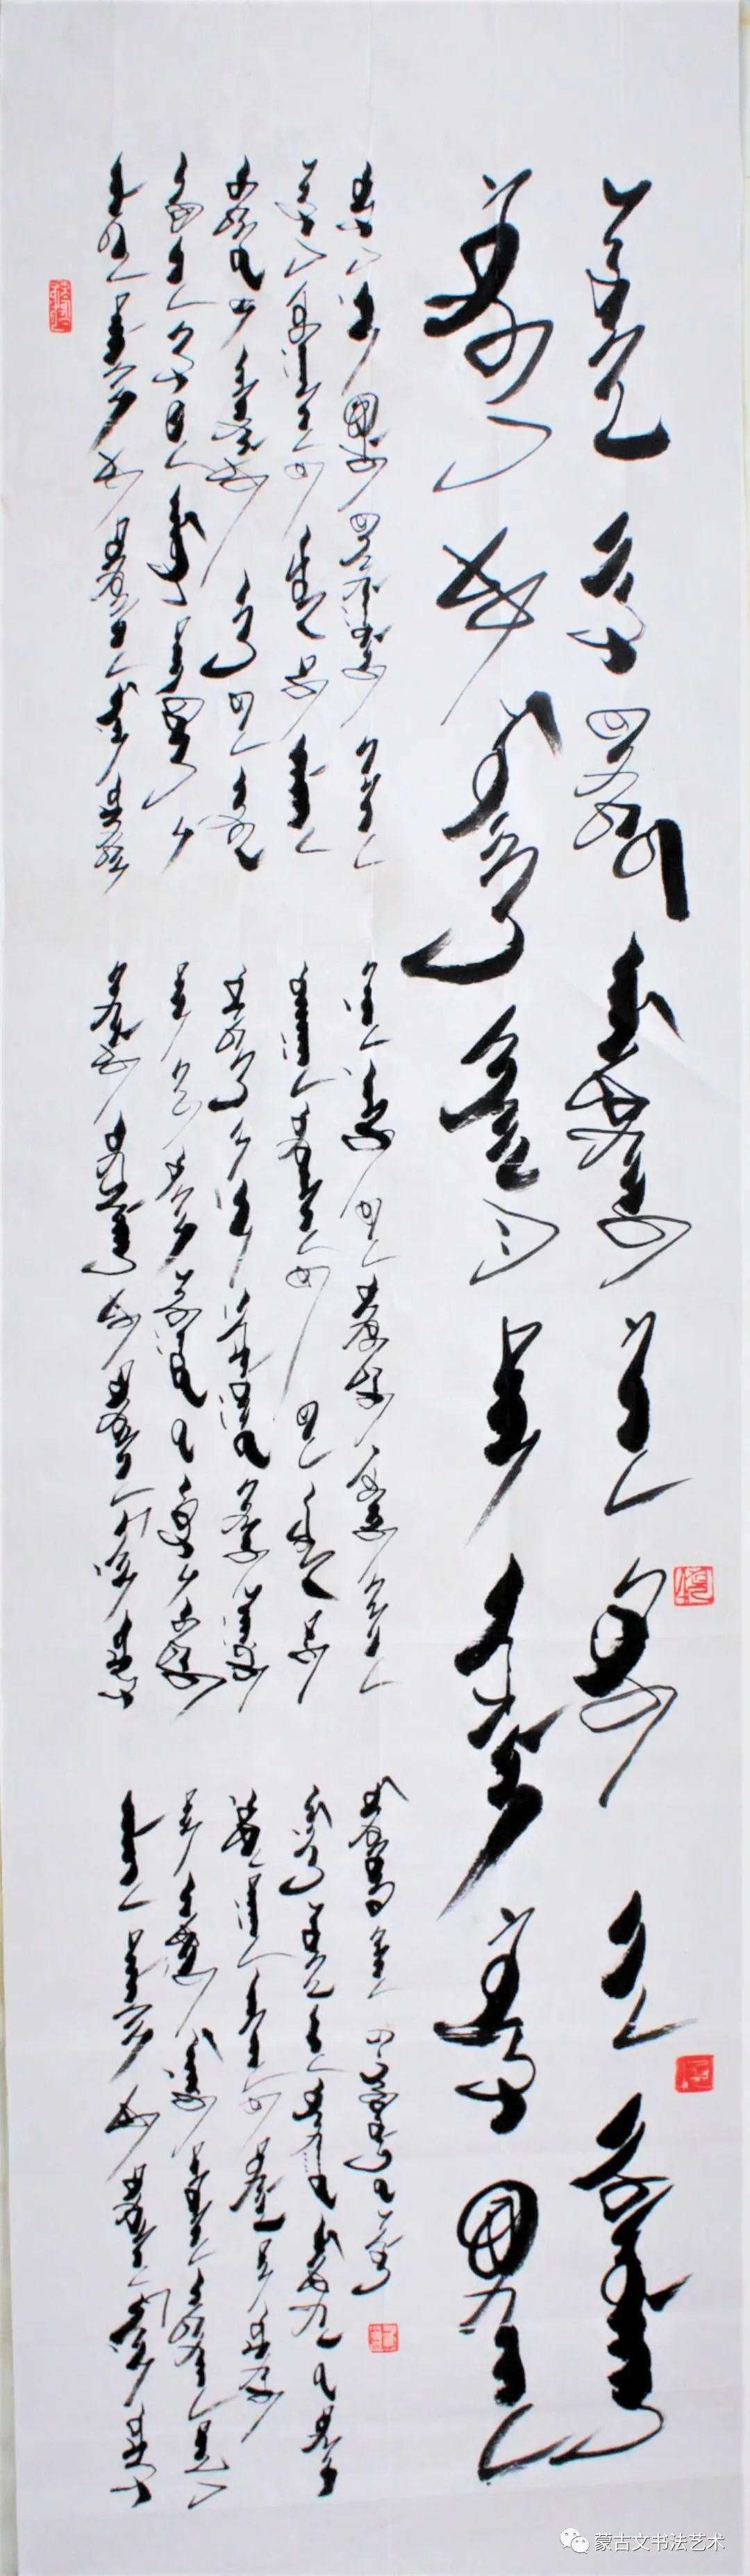 扎仁琴蒙古文书法 第26张 扎仁琴蒙古文书法 蒙古书法